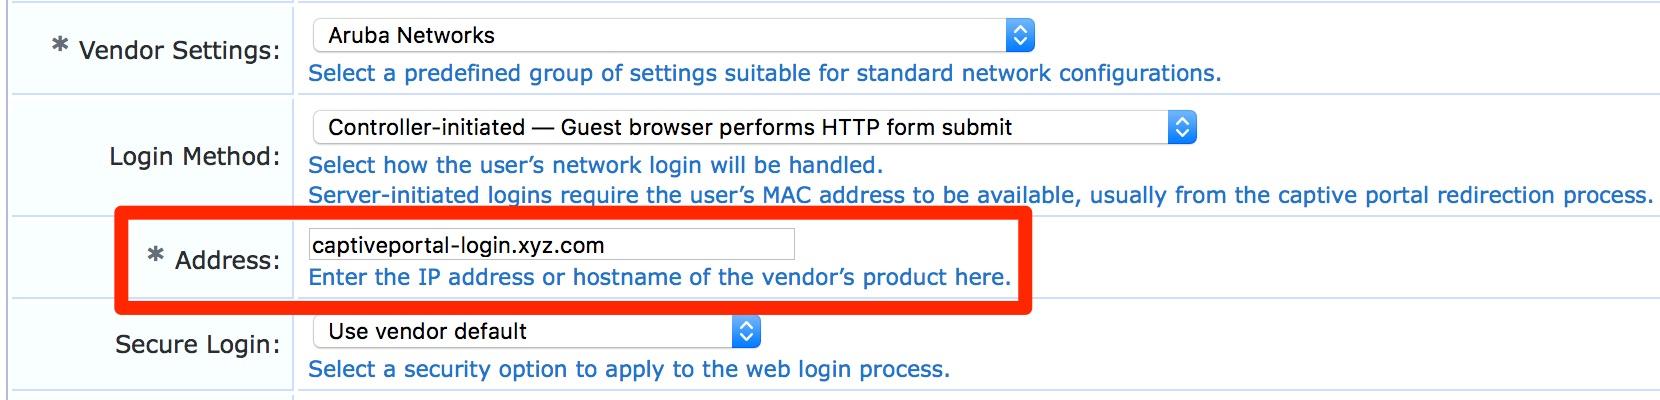 web_login__guest_portal_b2Nkpit.jpg